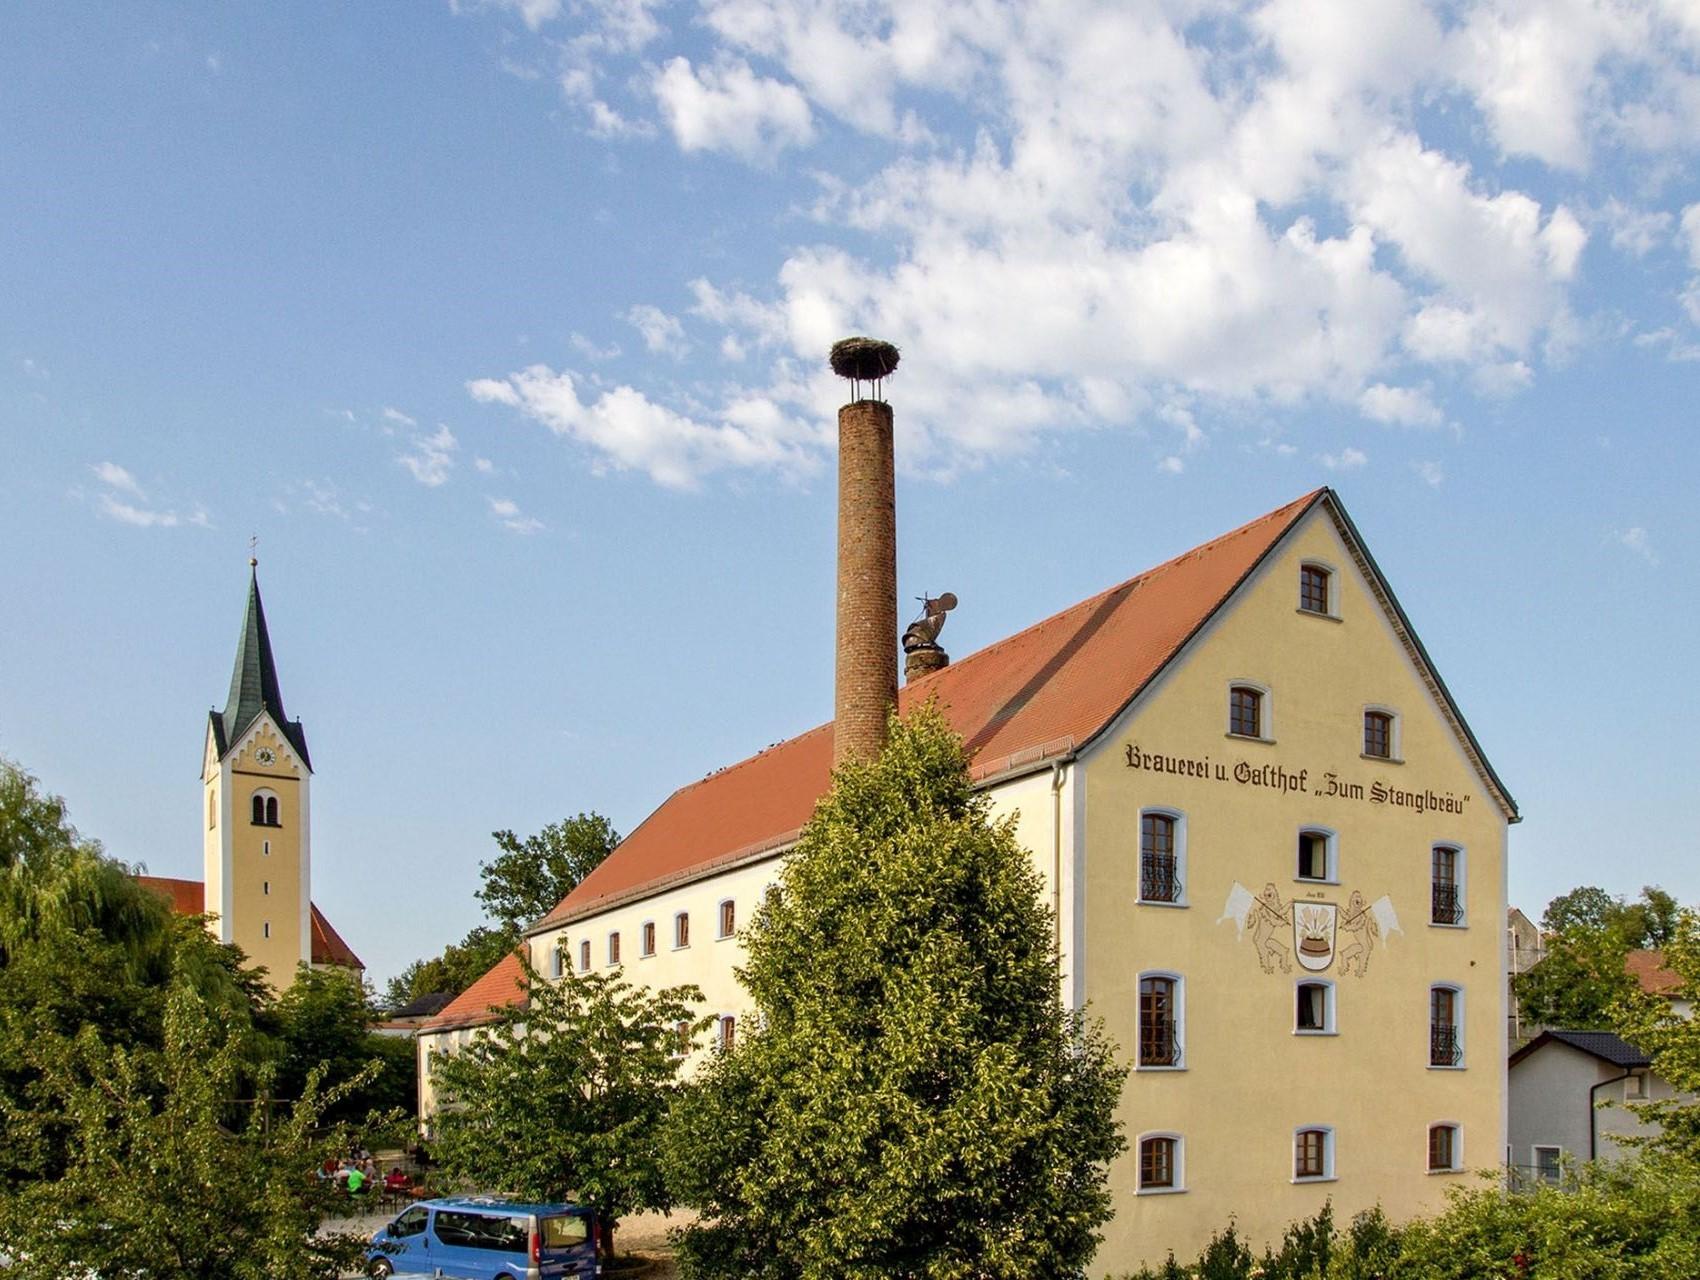 Brauerei & Gasthof Stanglbräu in Herrnwahlthann